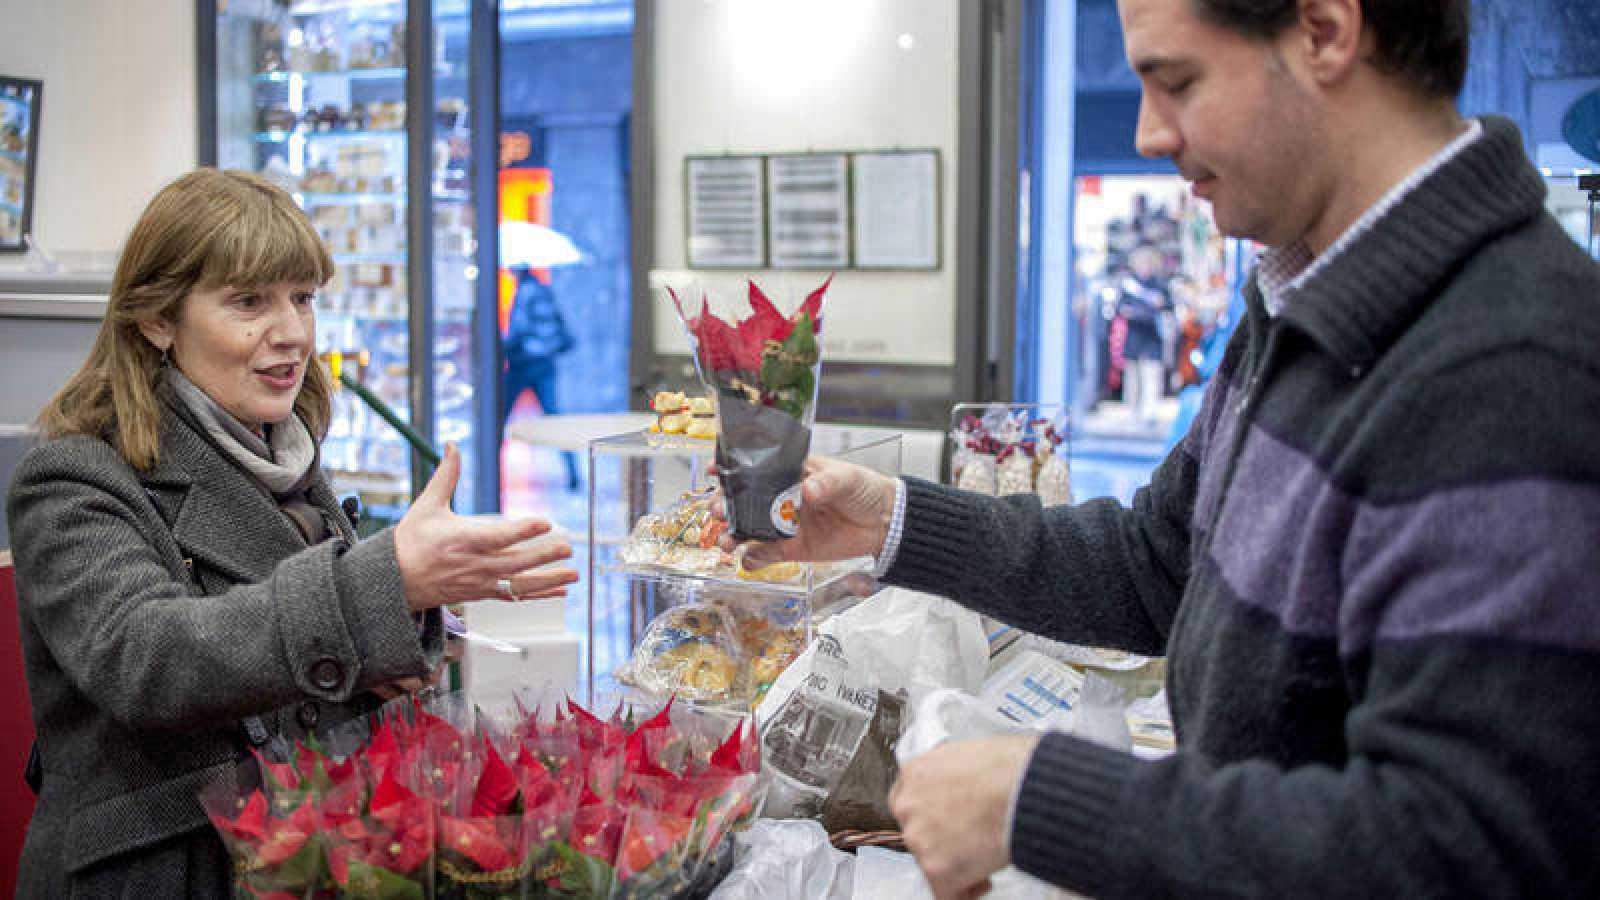 Una mujer recibe una flor de Pascua en un comercio de Bilbao